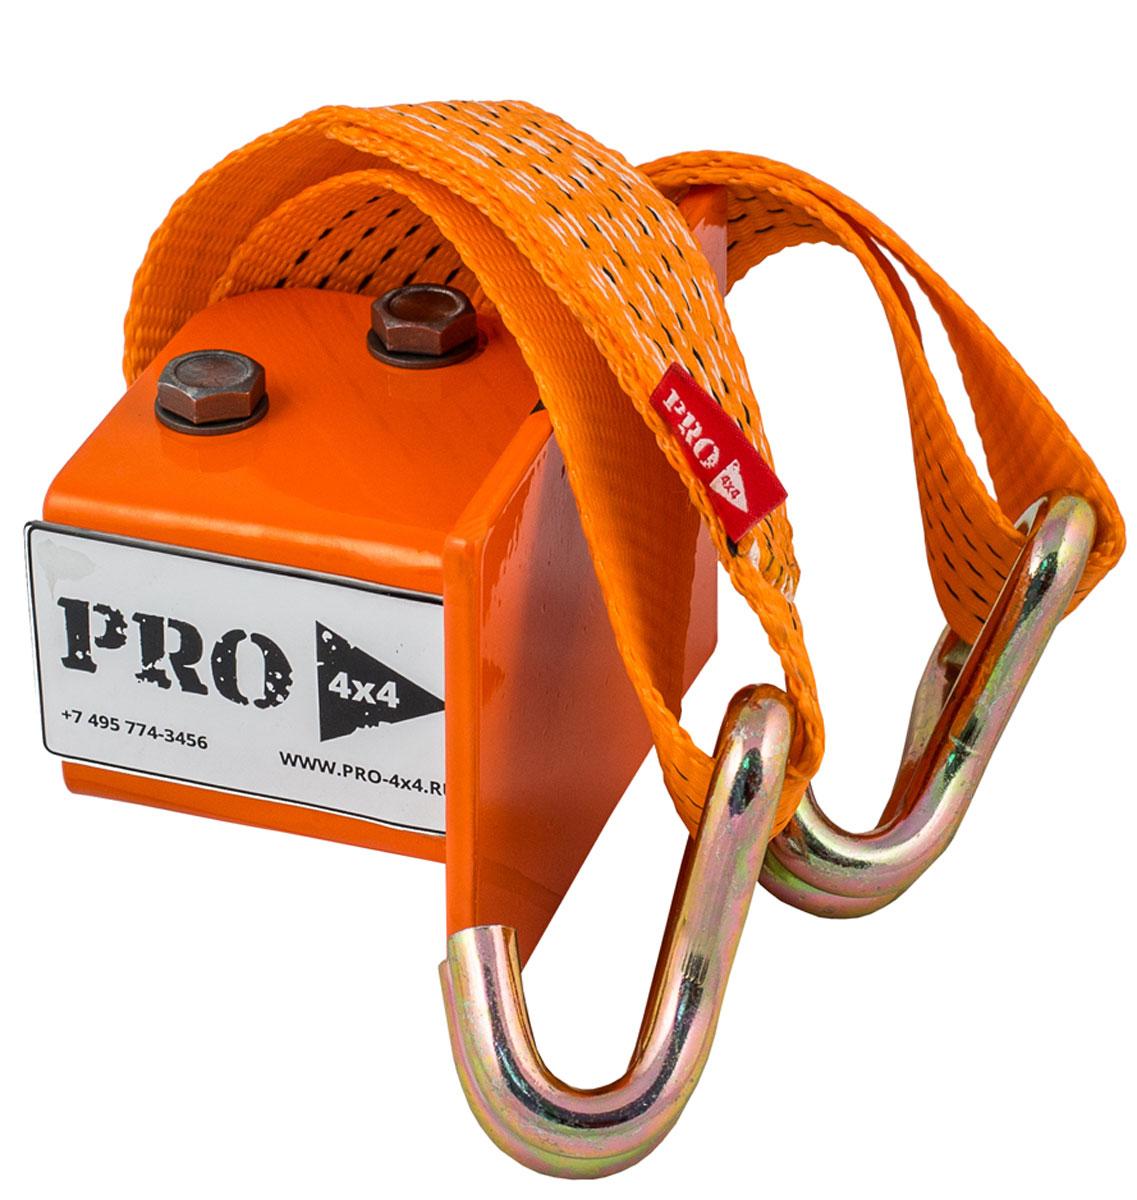 Устройство для подъема за колесо PRO-4x4PRO-AHL-000001Приспособление для подъема автомобиля за колесный диск.Можно использовать практически со всеми типами колесных дисков, где есть отверстия.